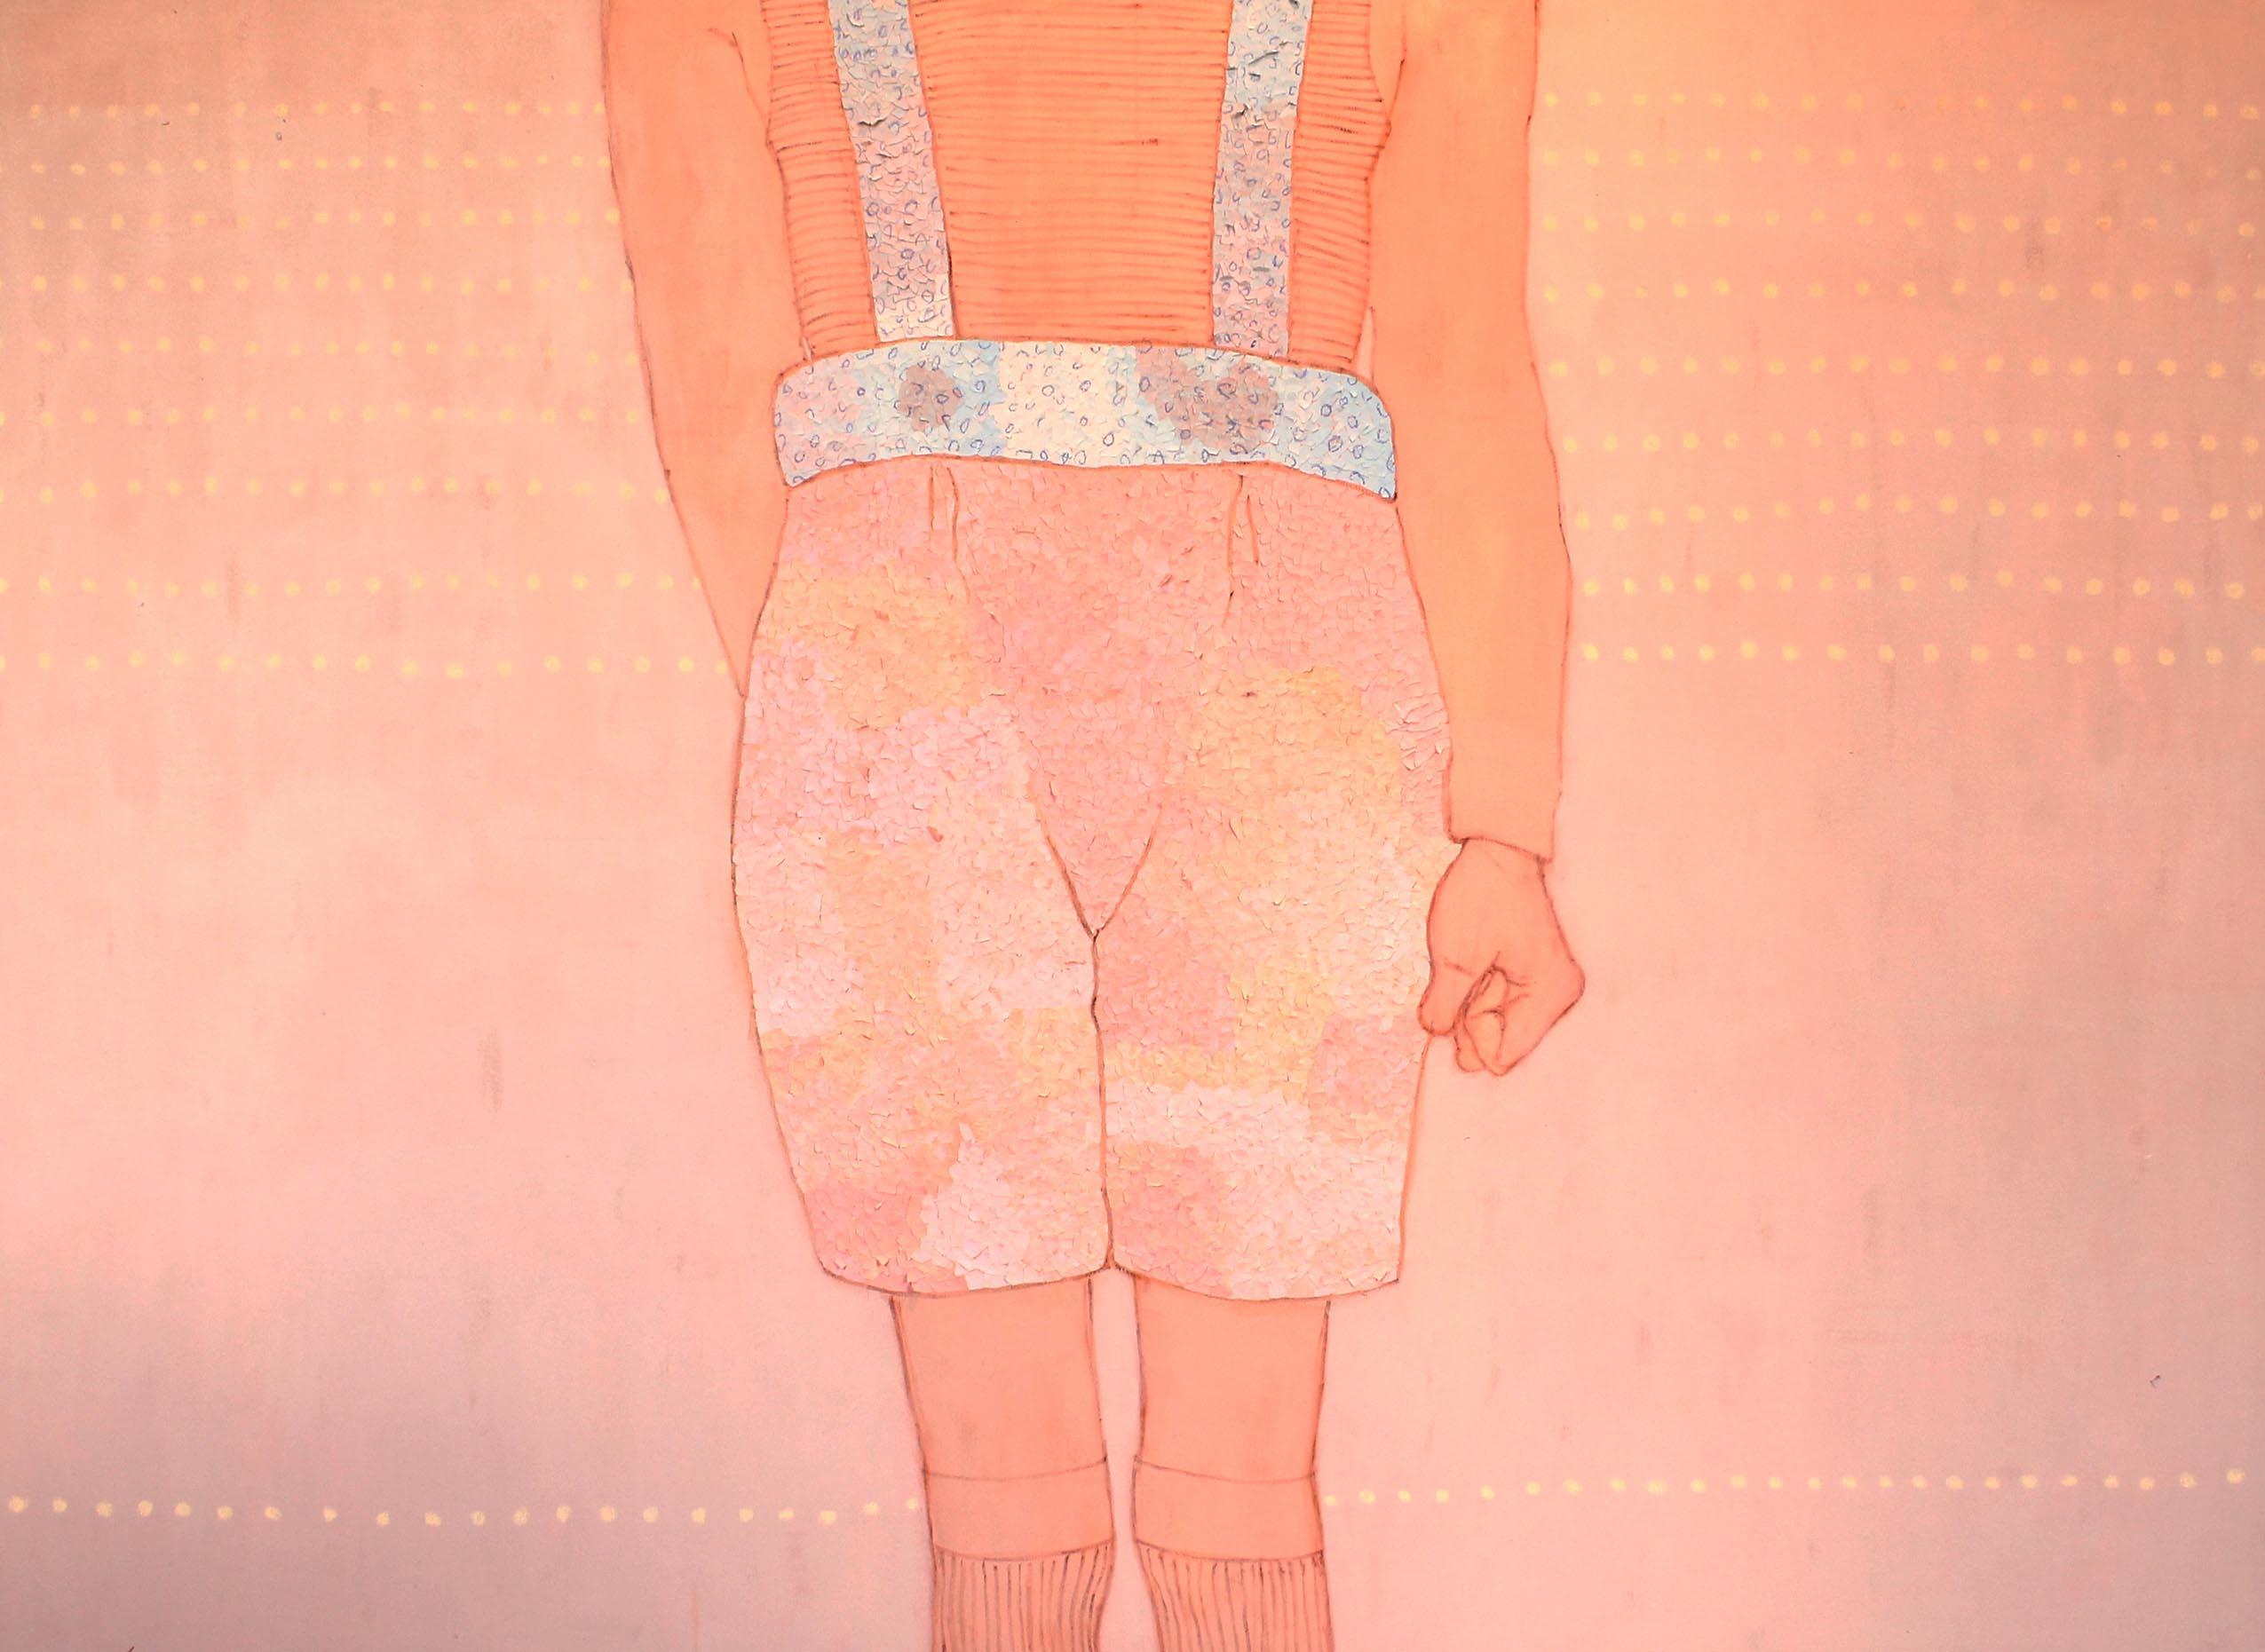 In pugno, |tecnica mista su tela, 100x150cm, 2014